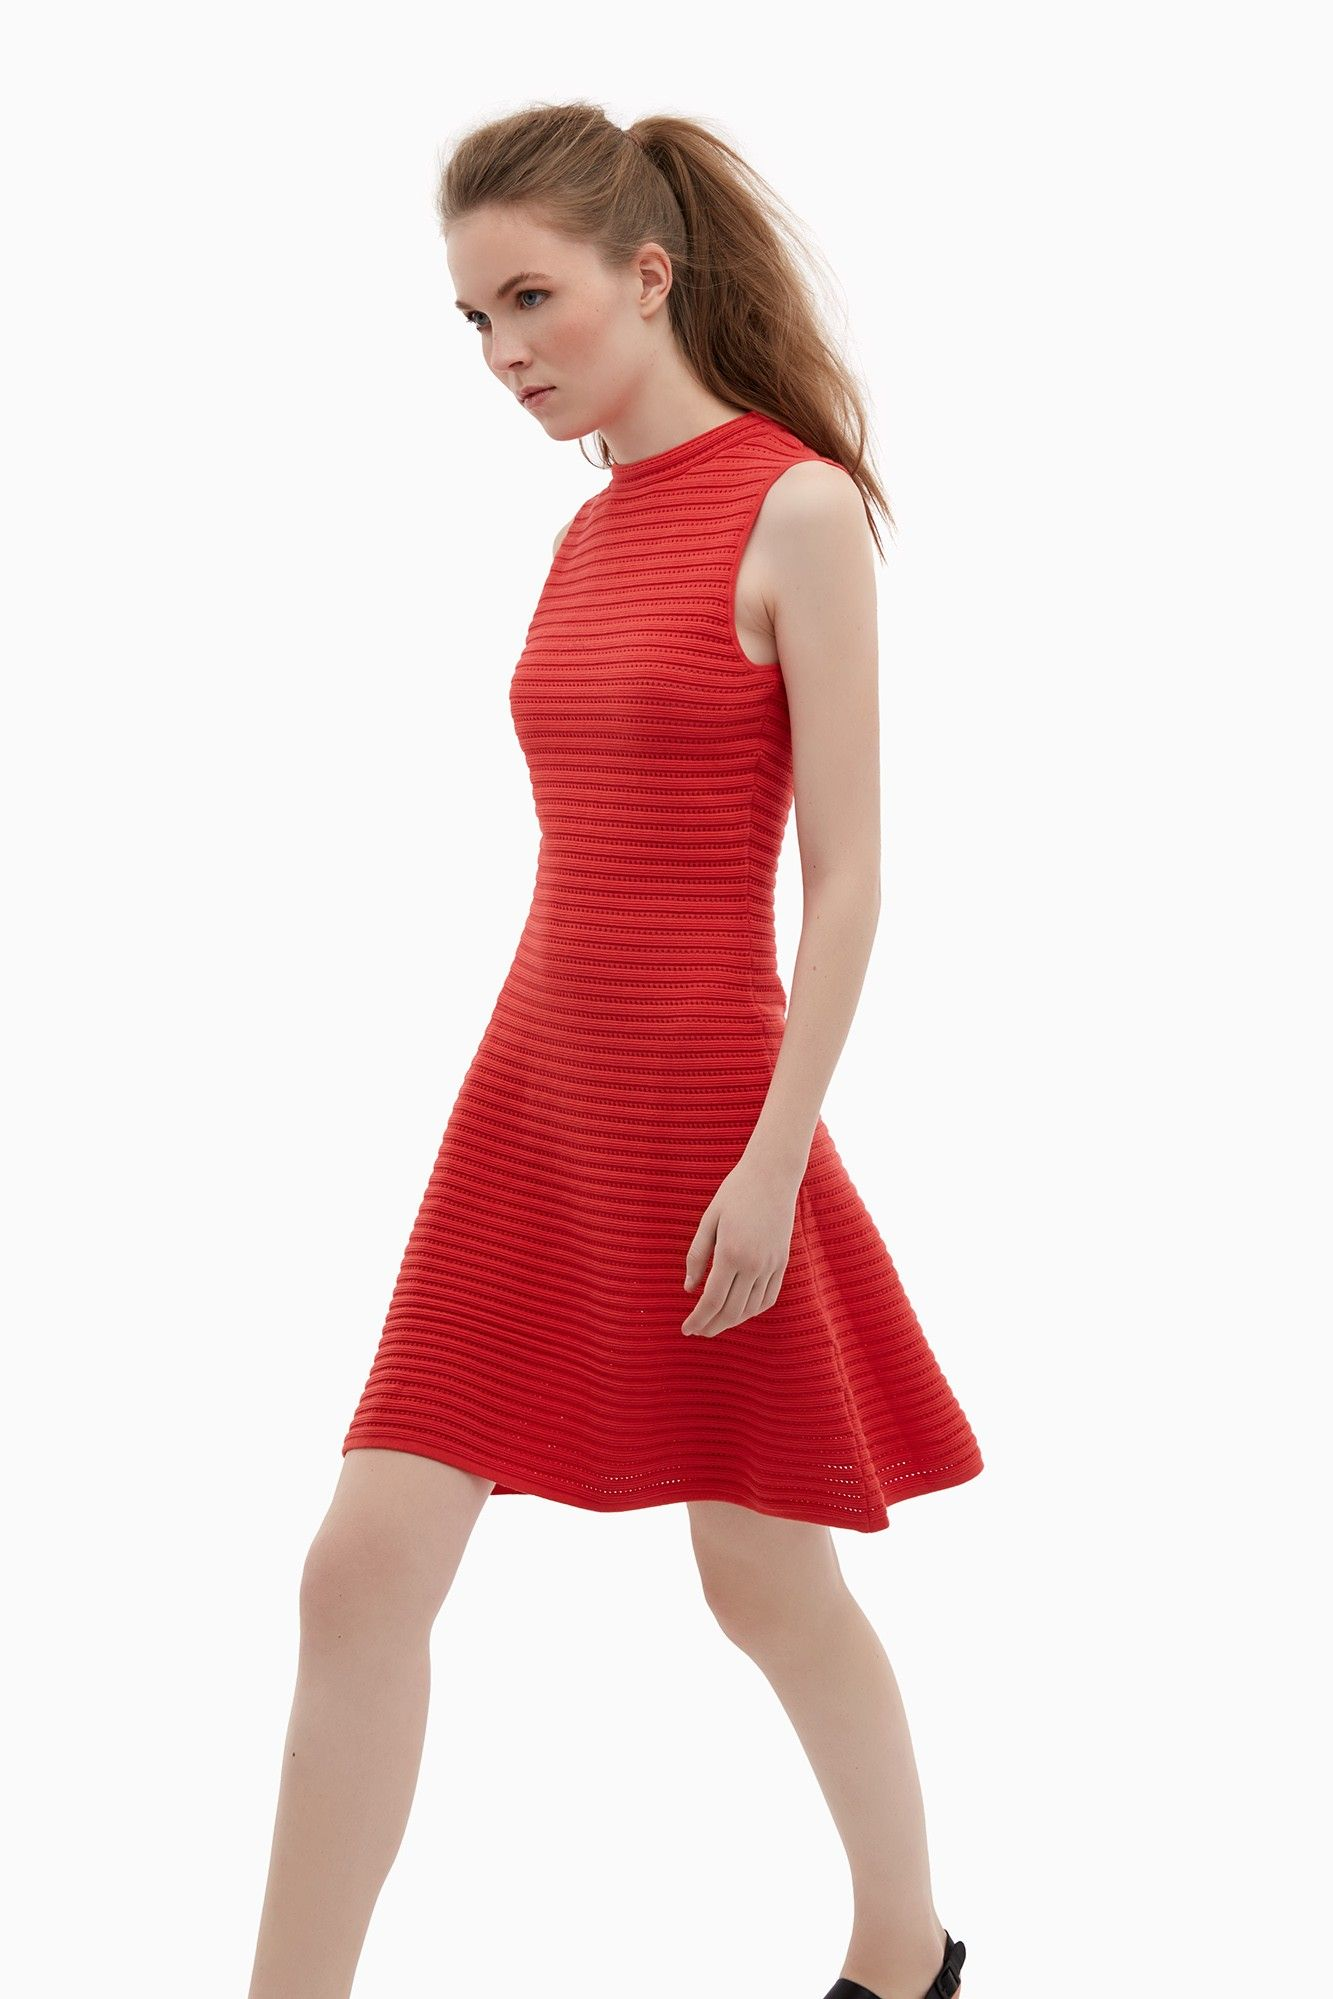 Vestido lady de punto calado - U WOMAN | Adolfo Dominguez shop online